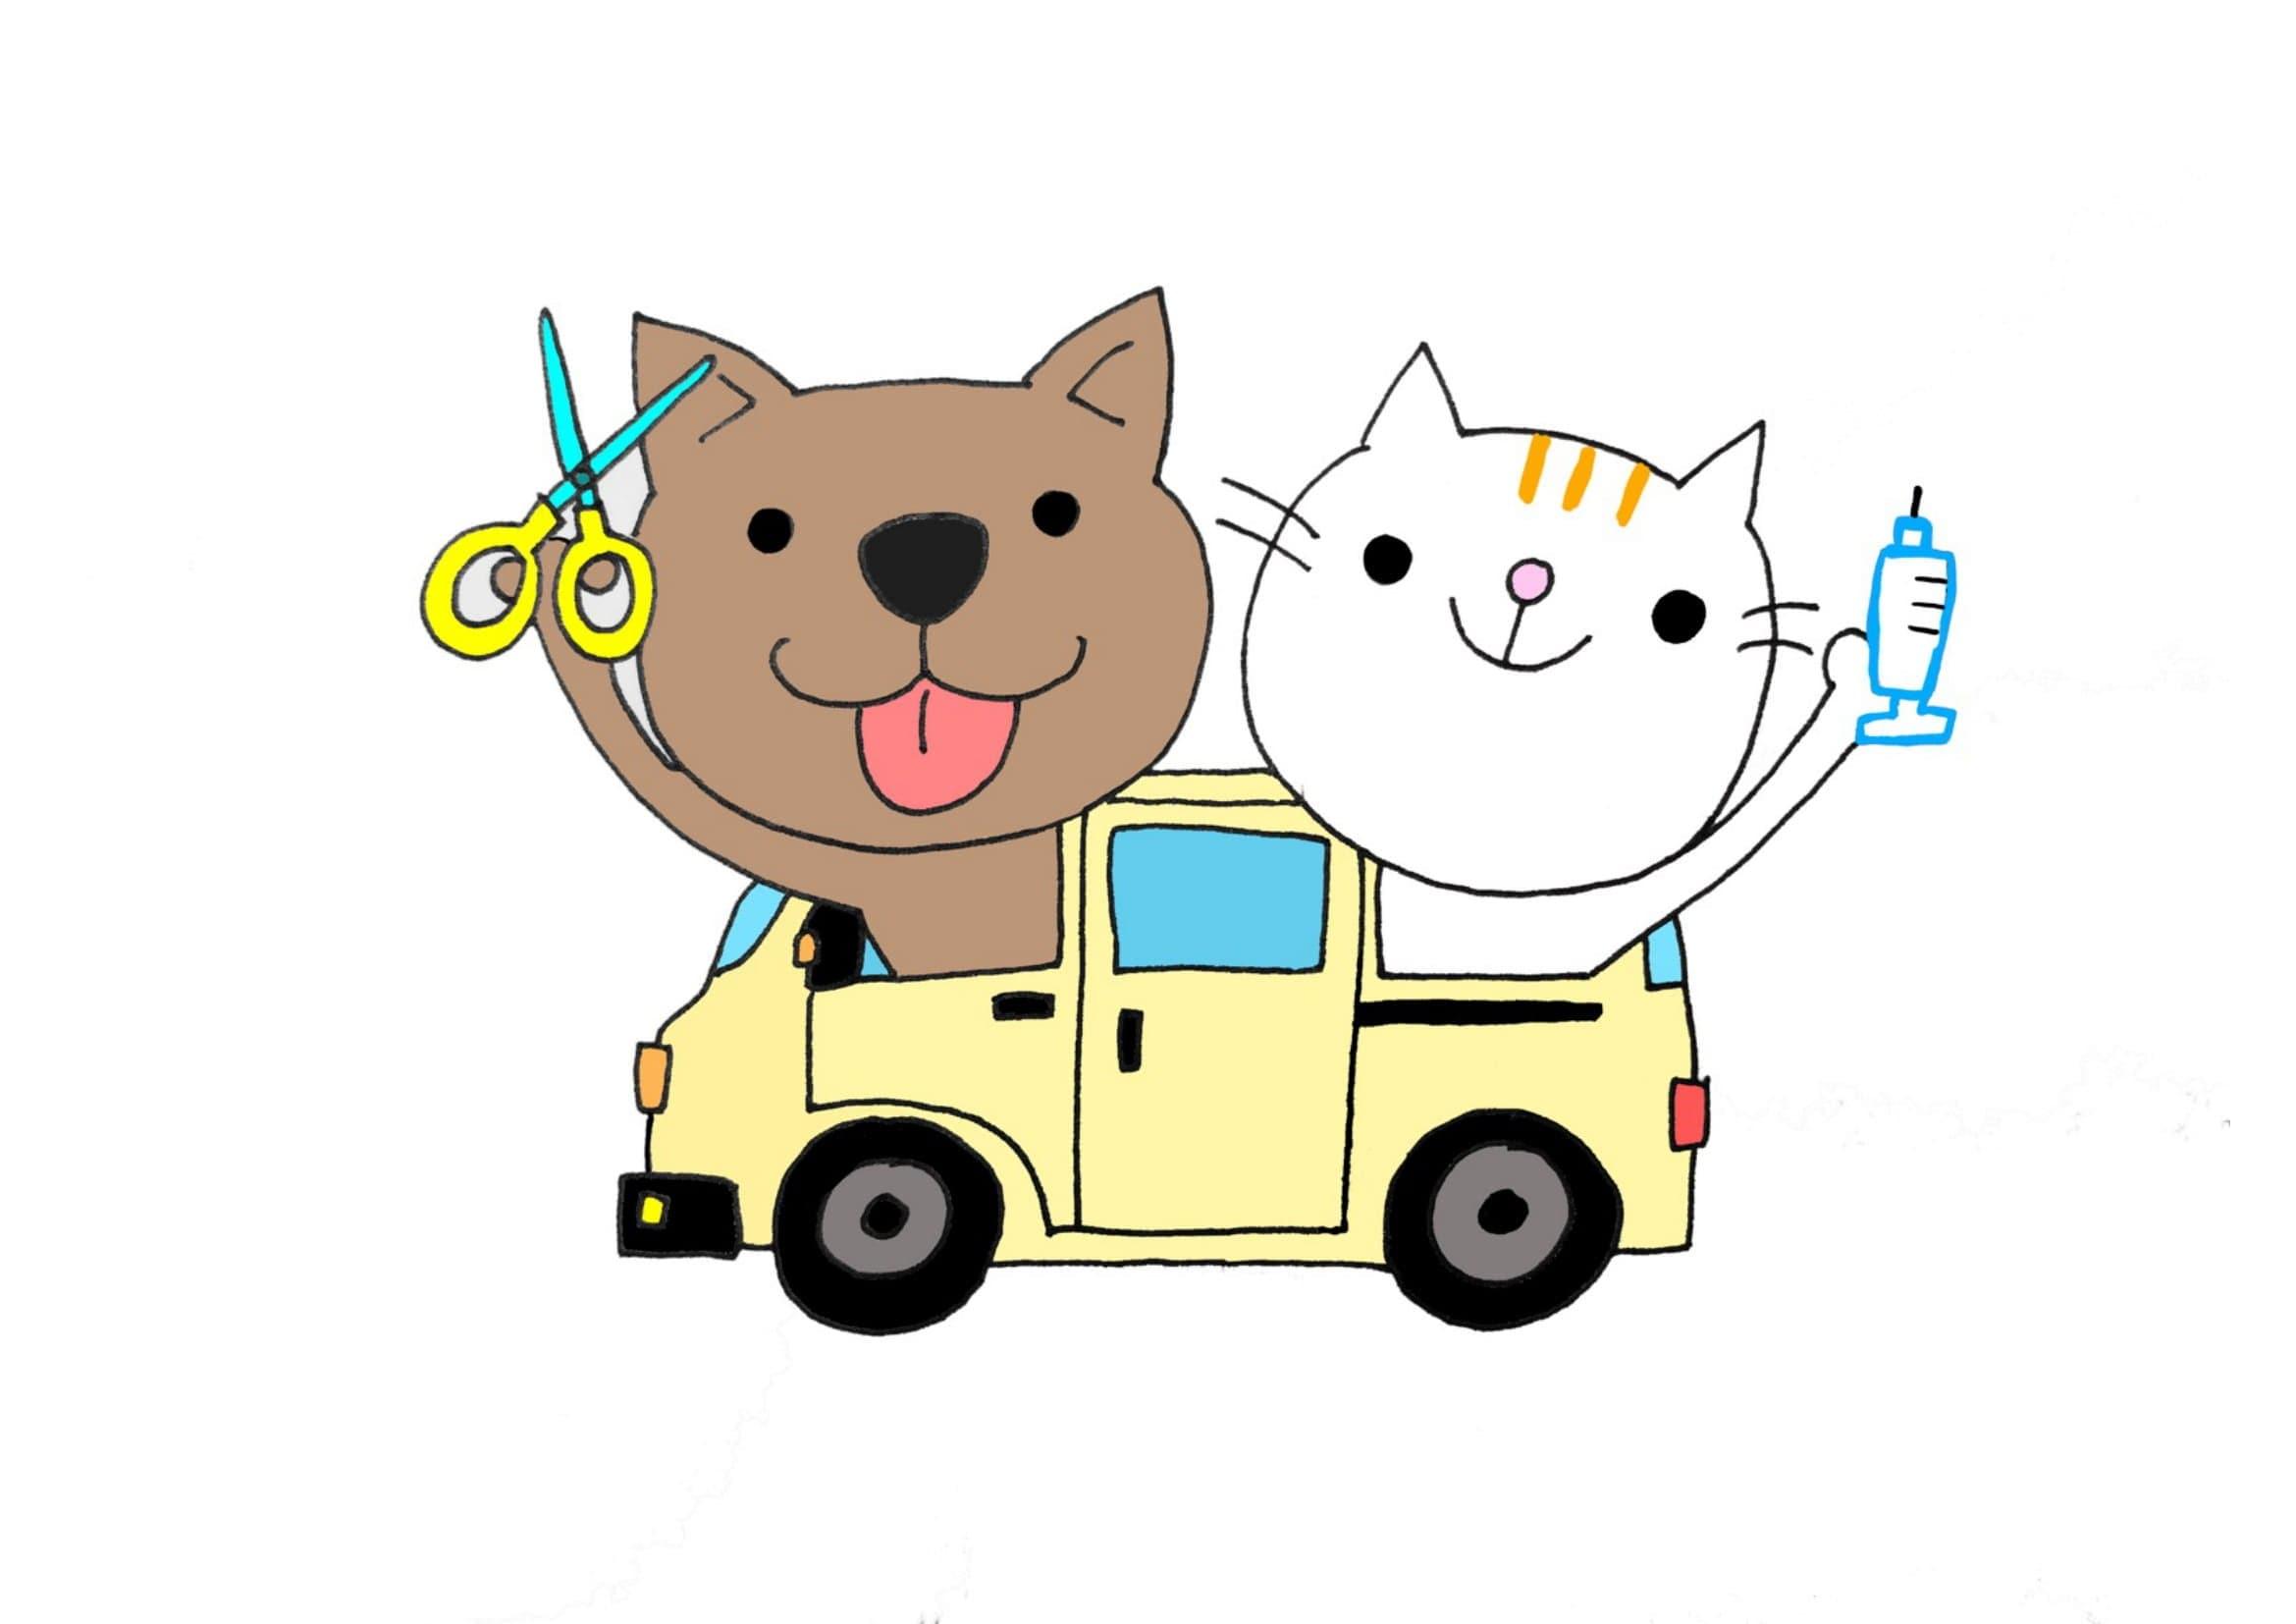 【沖縄本島限定】ねこちゃんのケアでお困りの方むけ訪問ペットケアのイメージその1